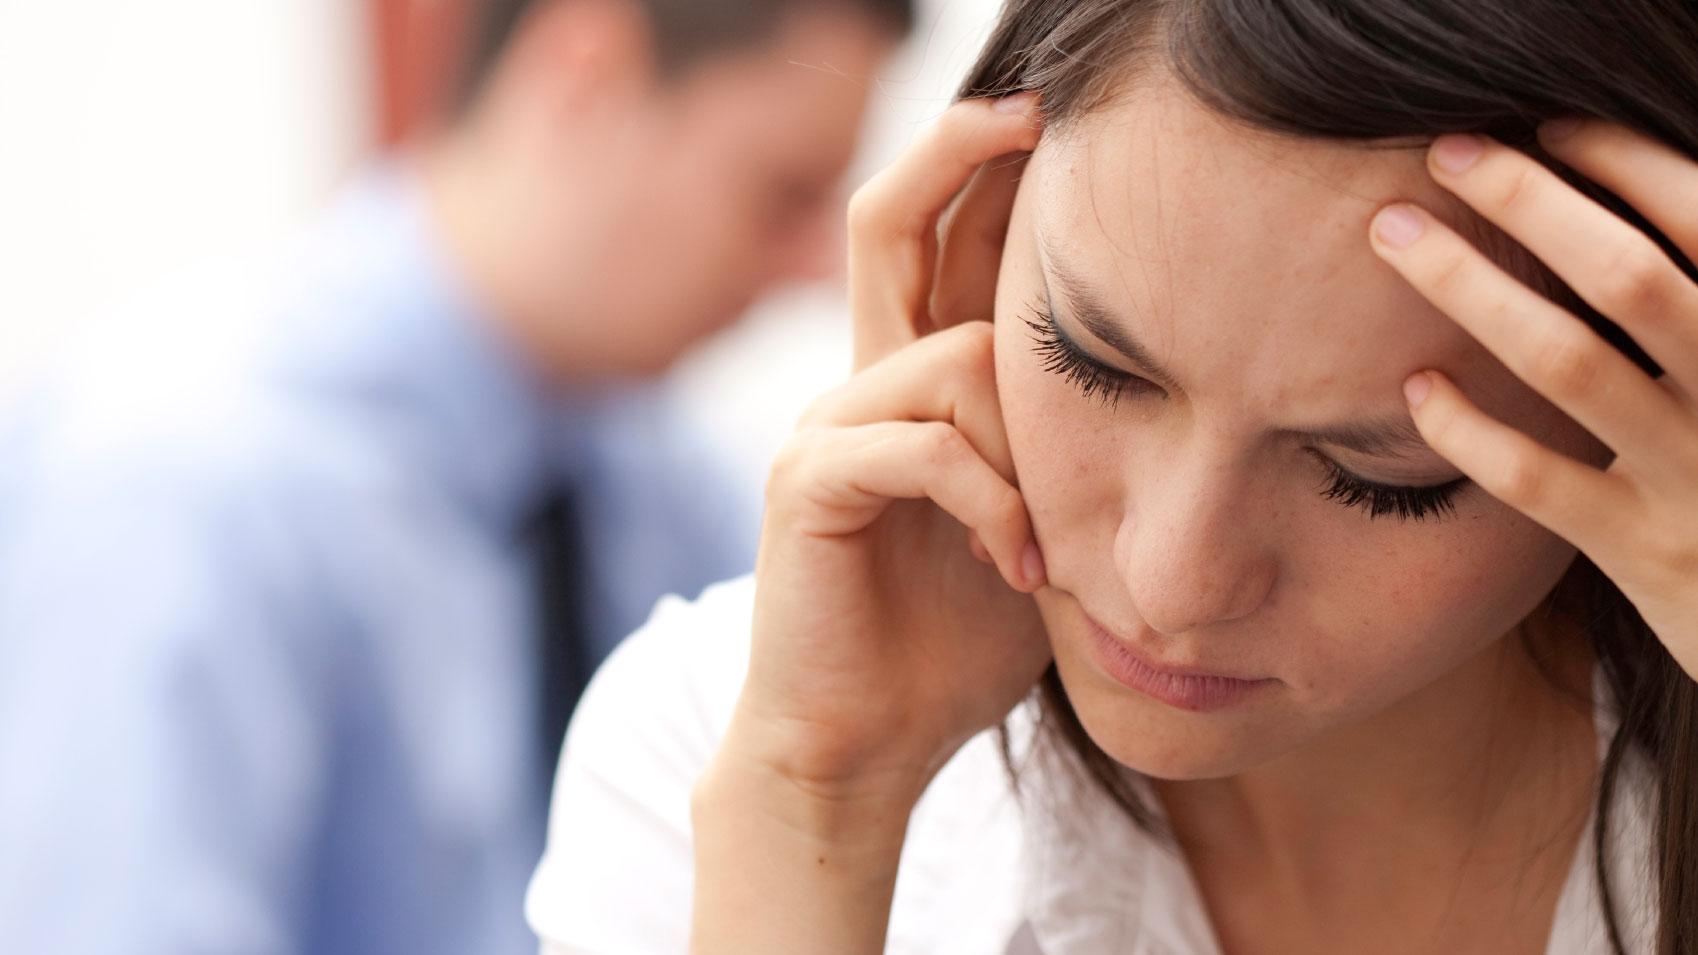 Ημικρανίες - Πονοκέφαλος